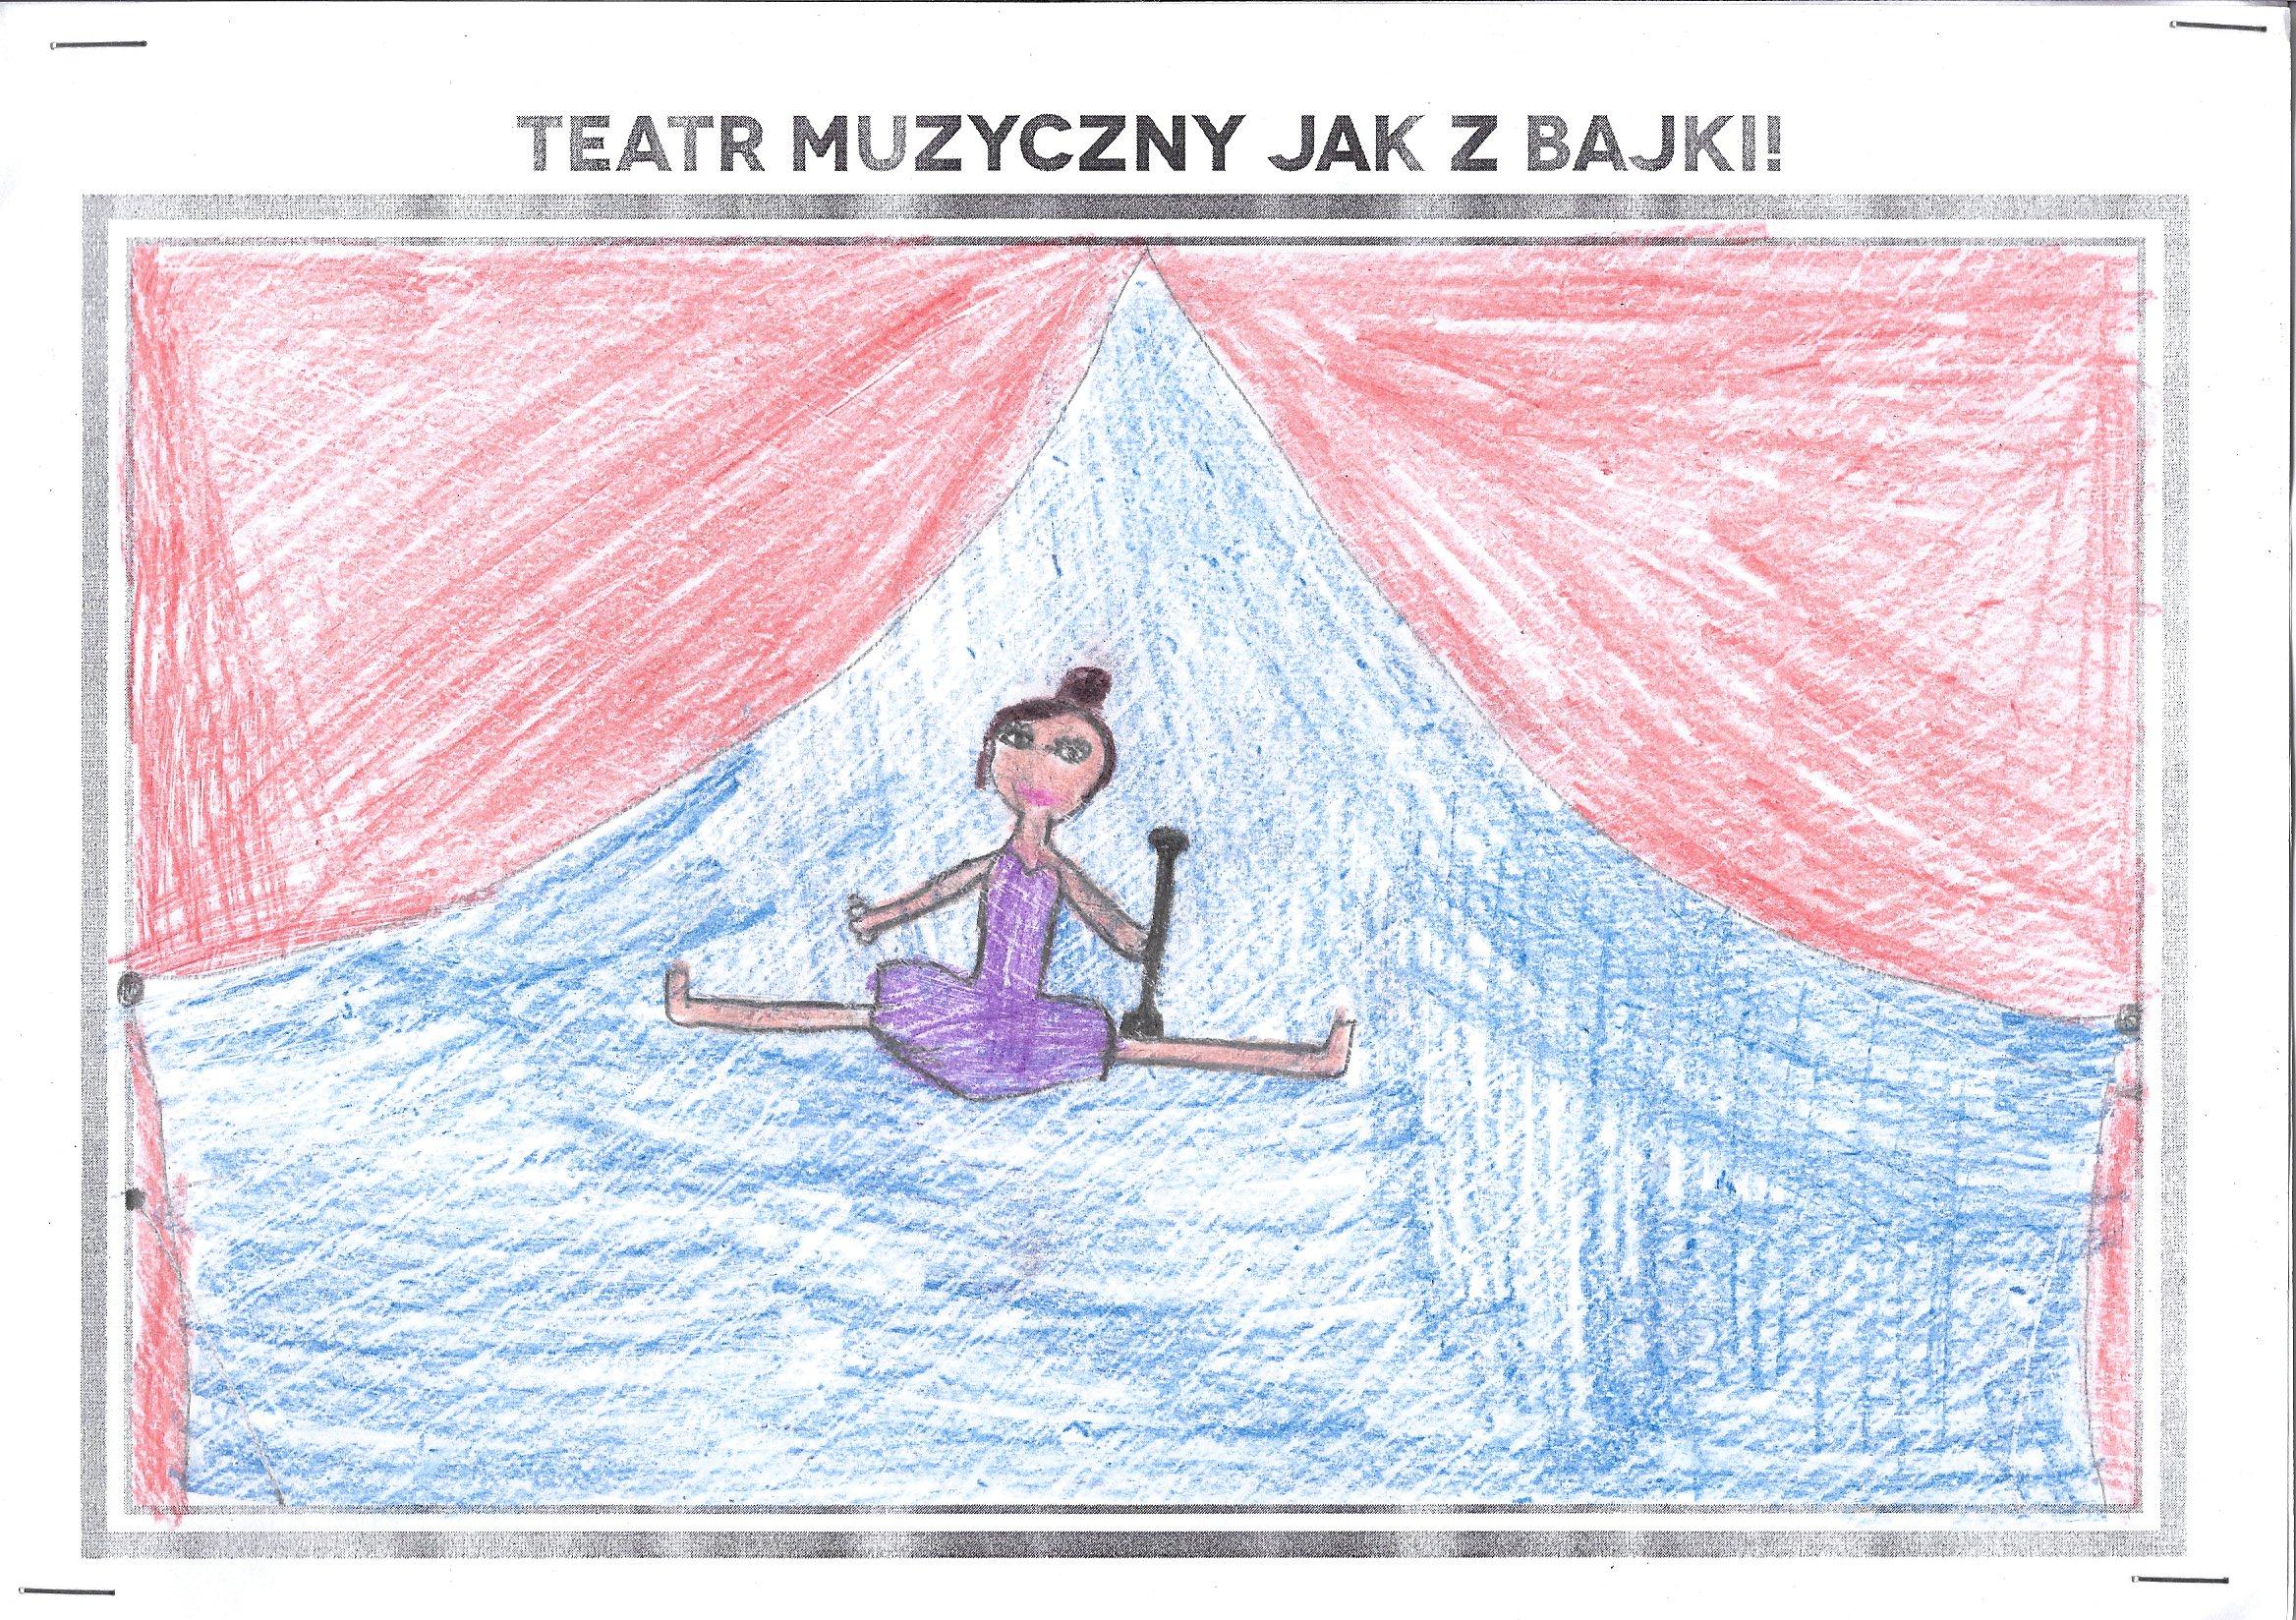 Teatr Muzyczny jak z bajki!_Strona_15